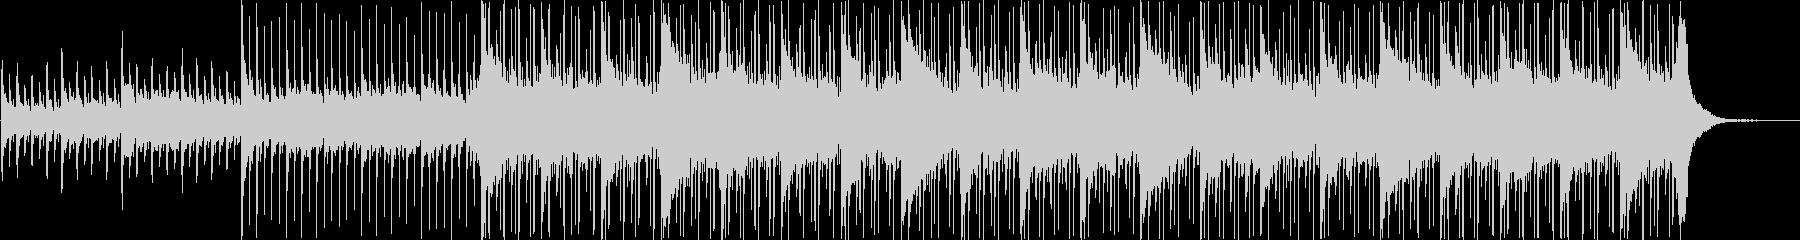 ピアノ、ストリングス、エレキギター...の未再生の波形